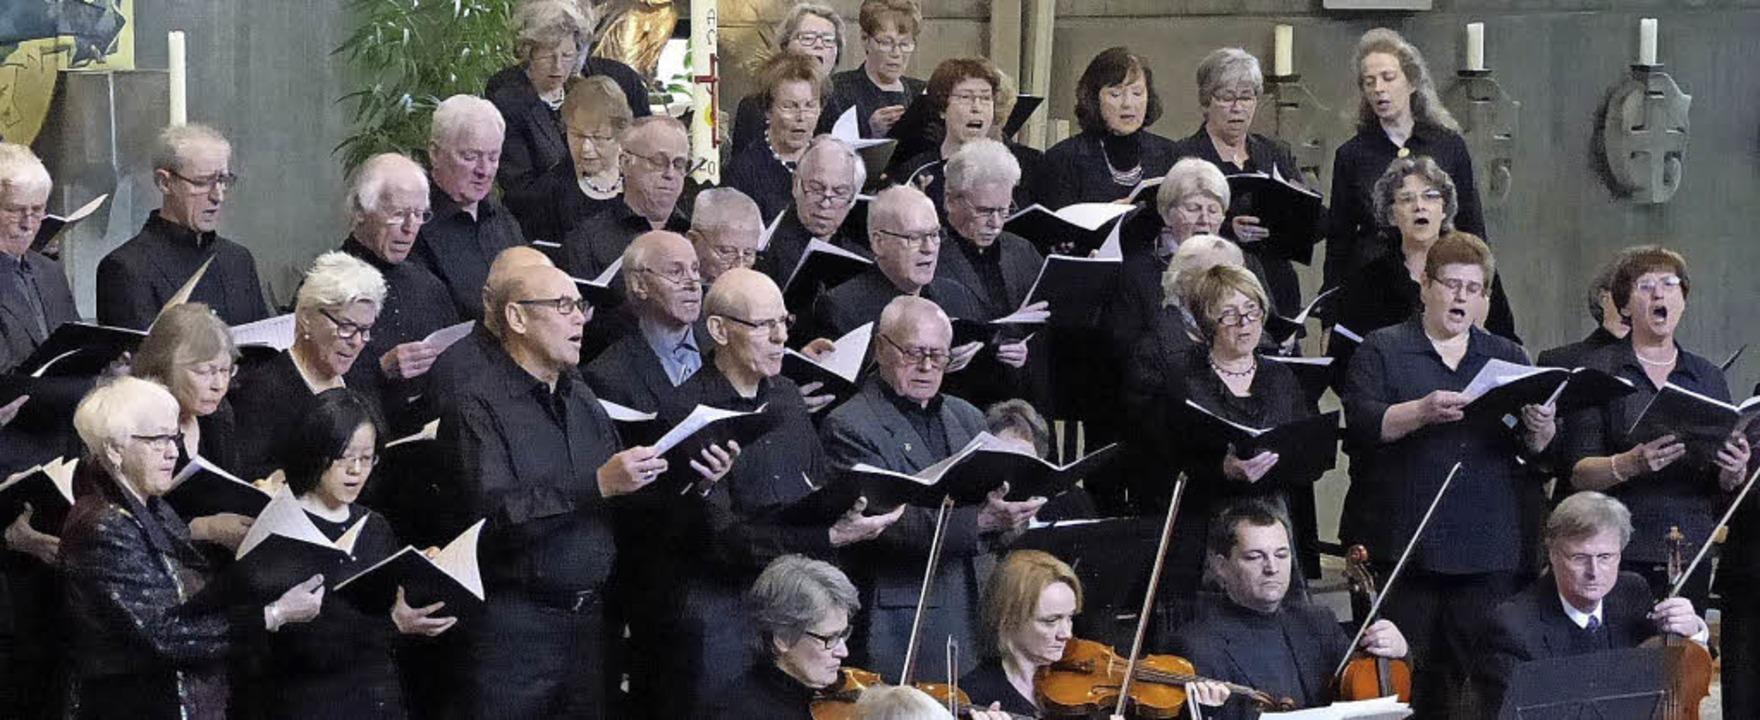 Der gemischte Chor der Denzlinger Conc...nterstützt von einem Kammerorchester.   | Foto: A. Preuss